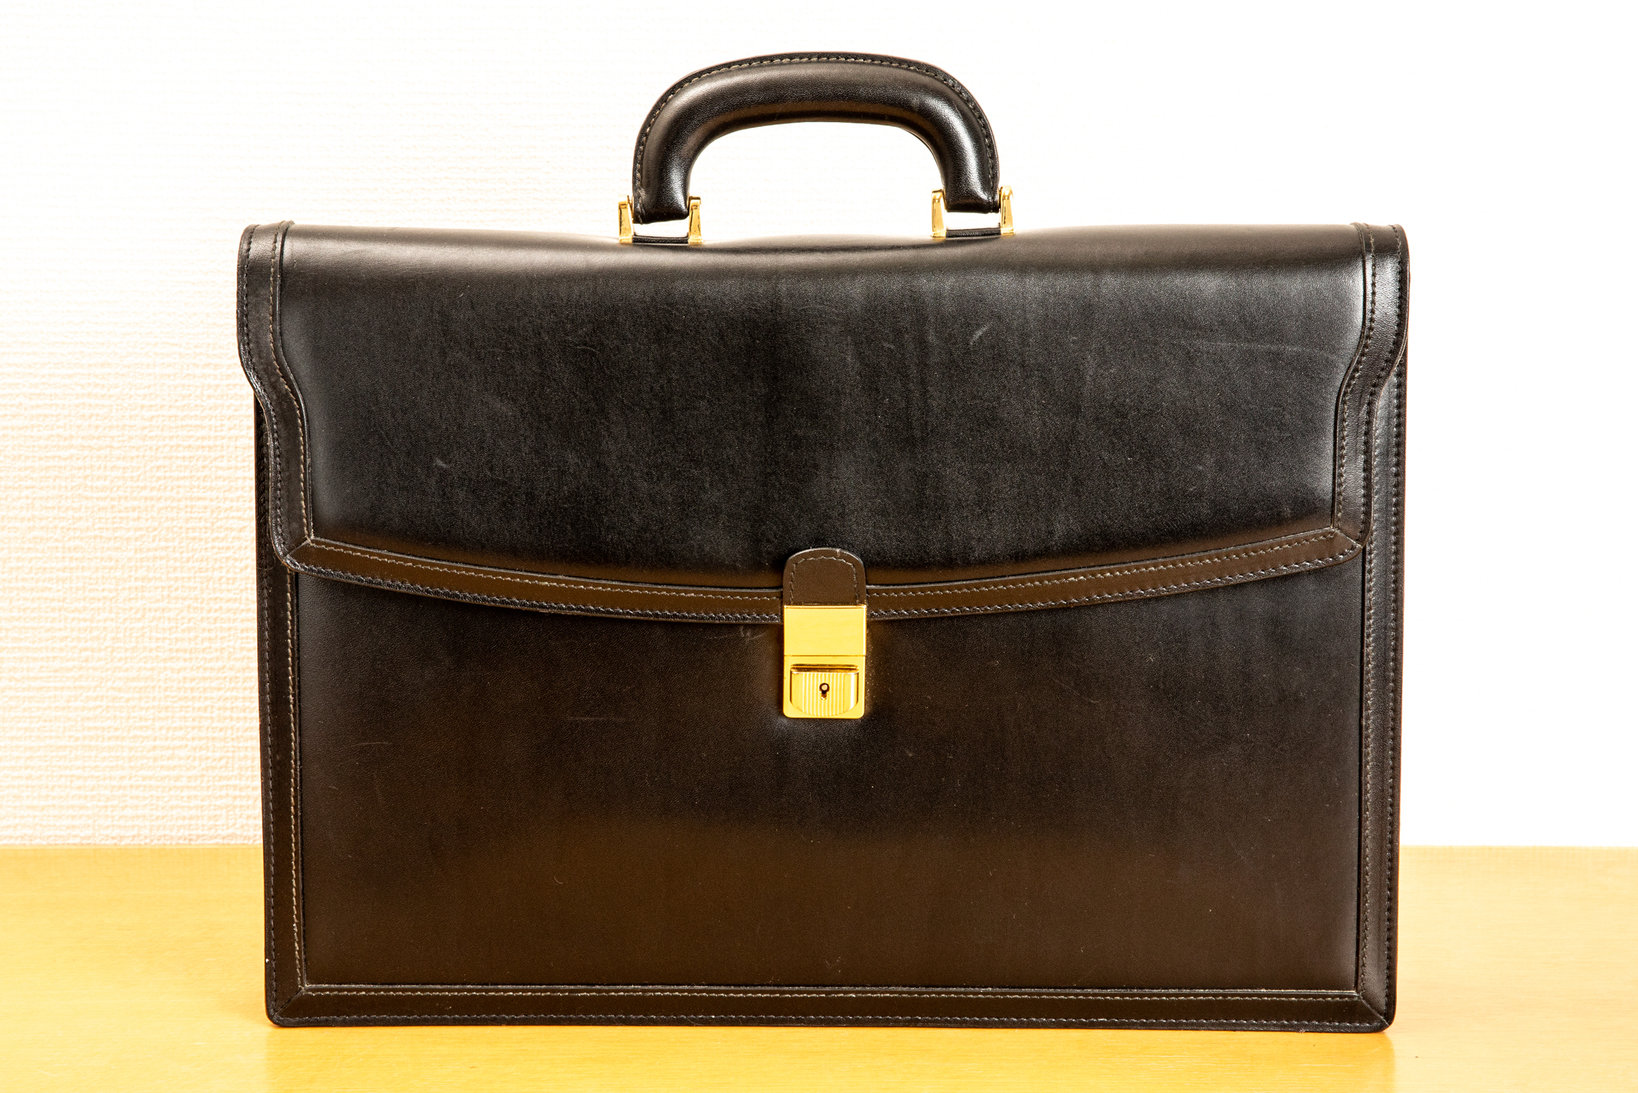 アスコリのブリーフケース。銀座の和光で購入したもの。ふっくらとしたデザインが特徴。